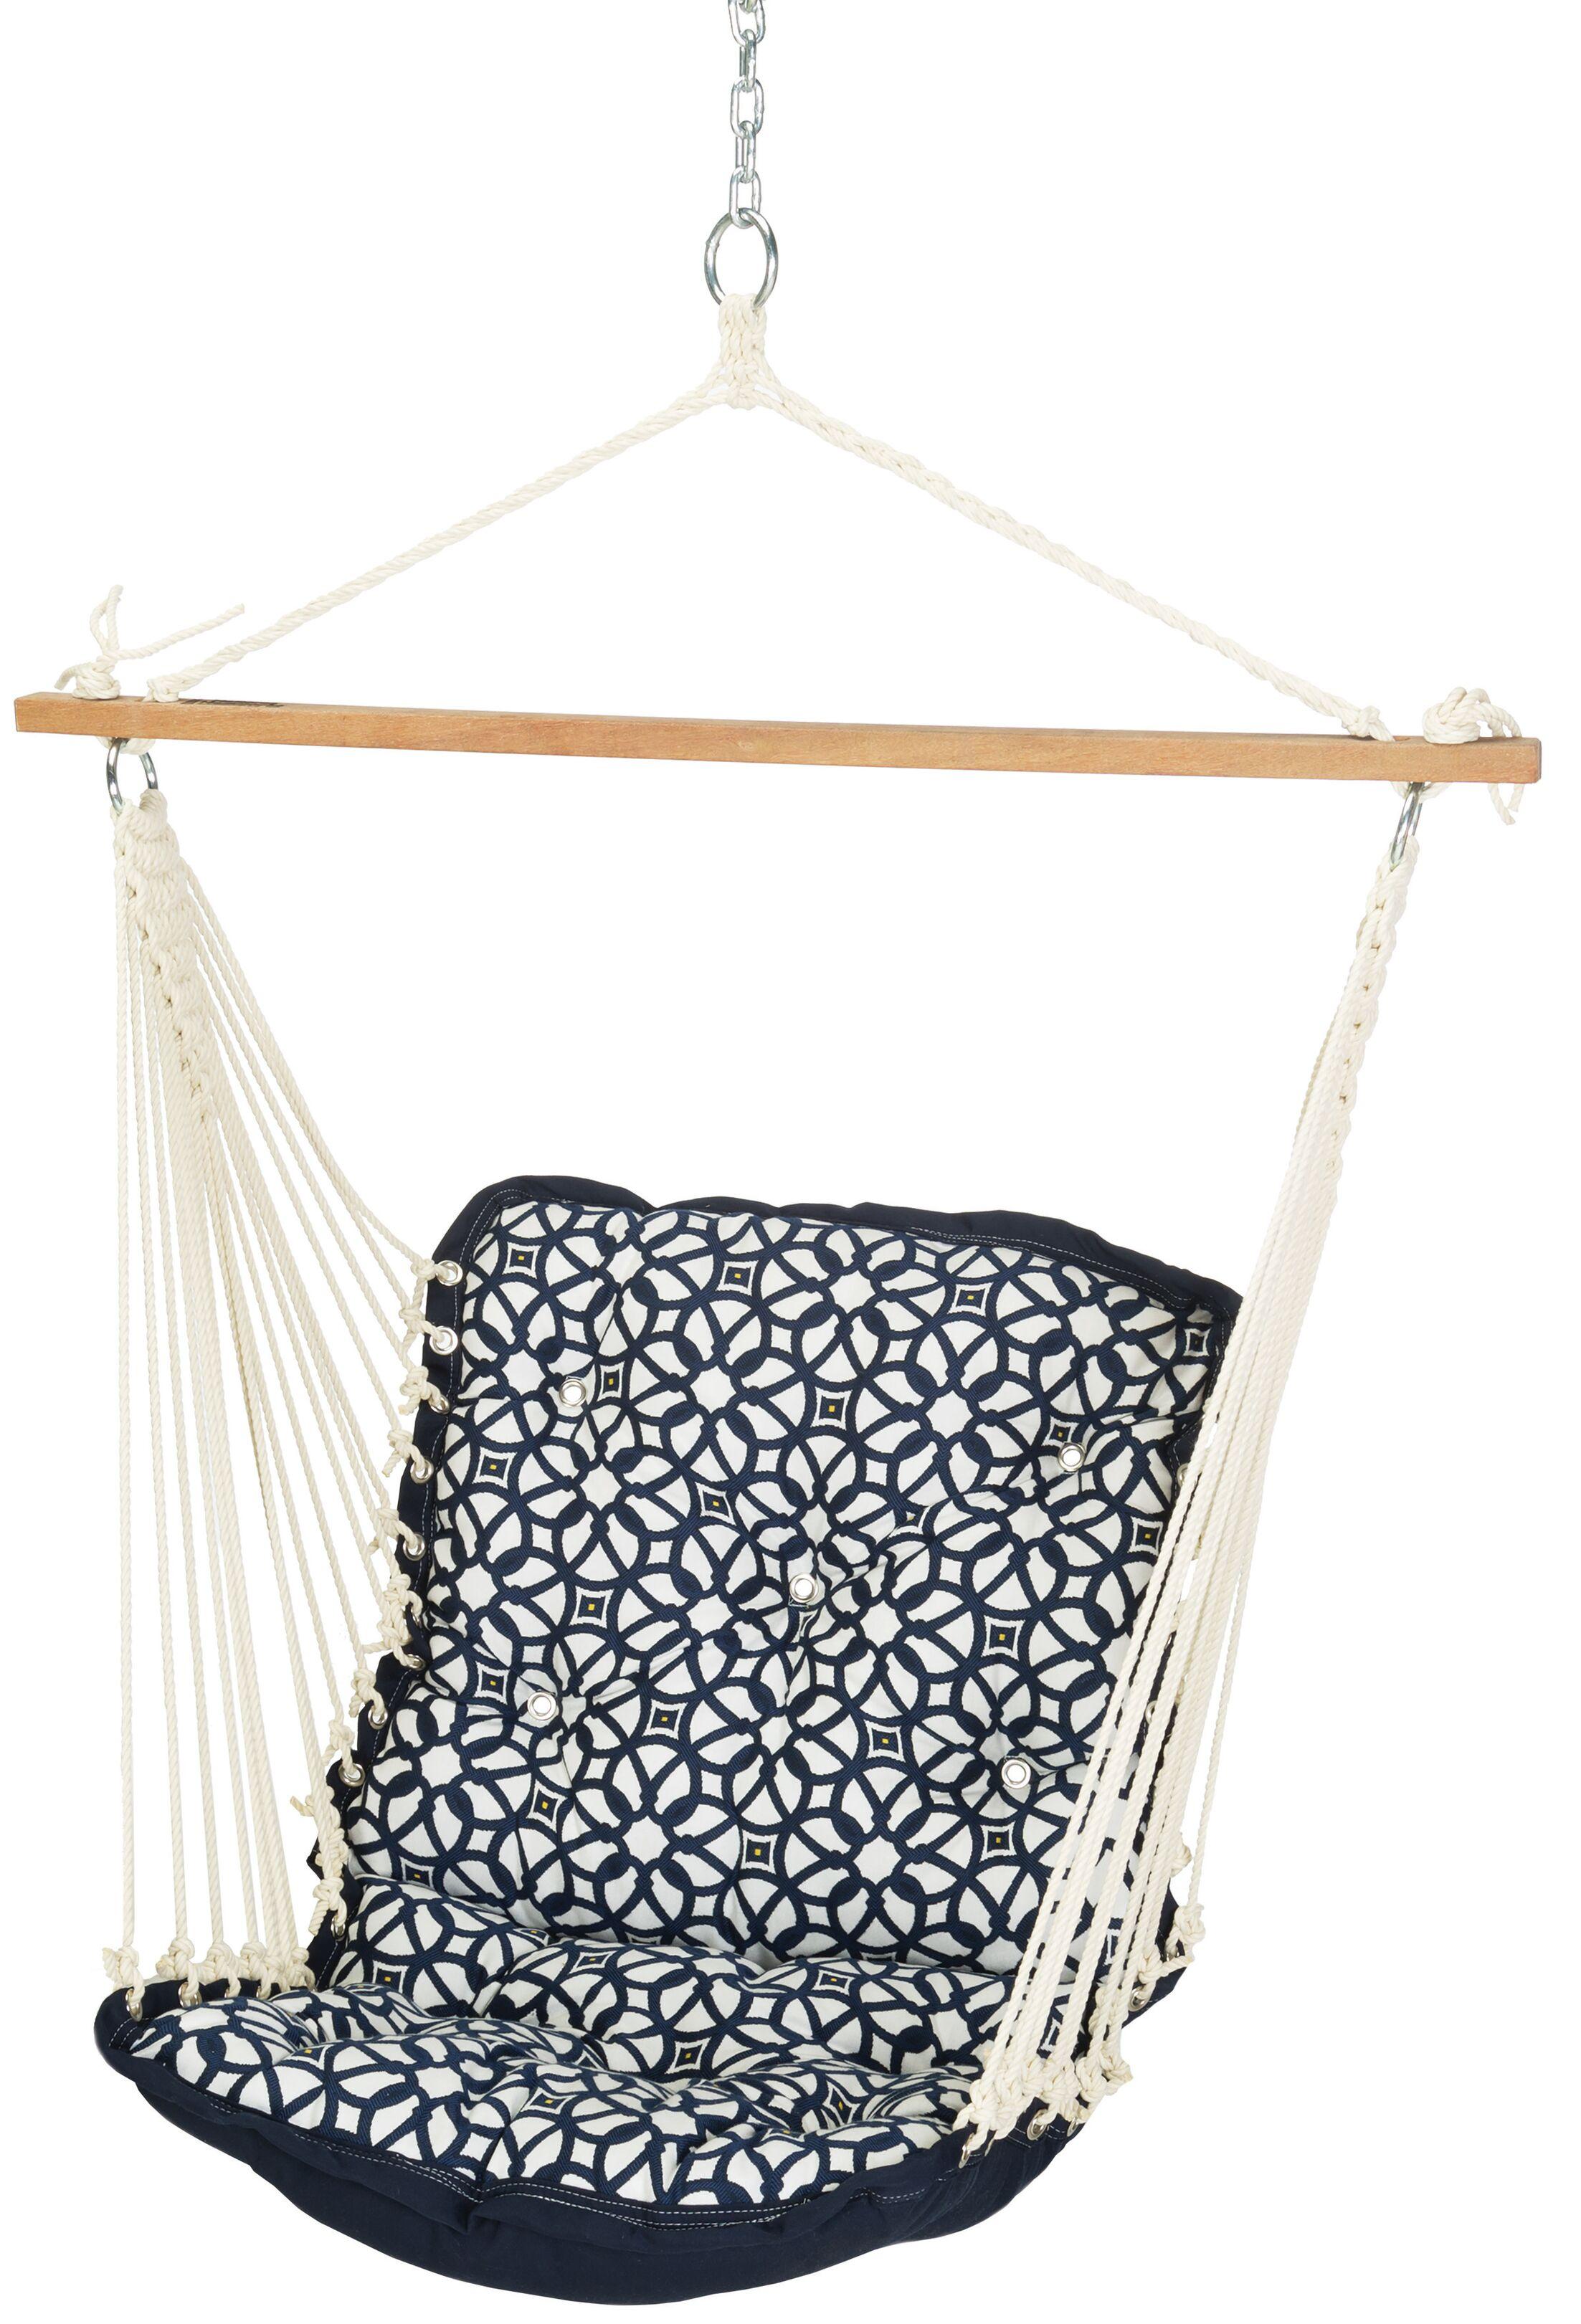 Edelman Chair Hammock